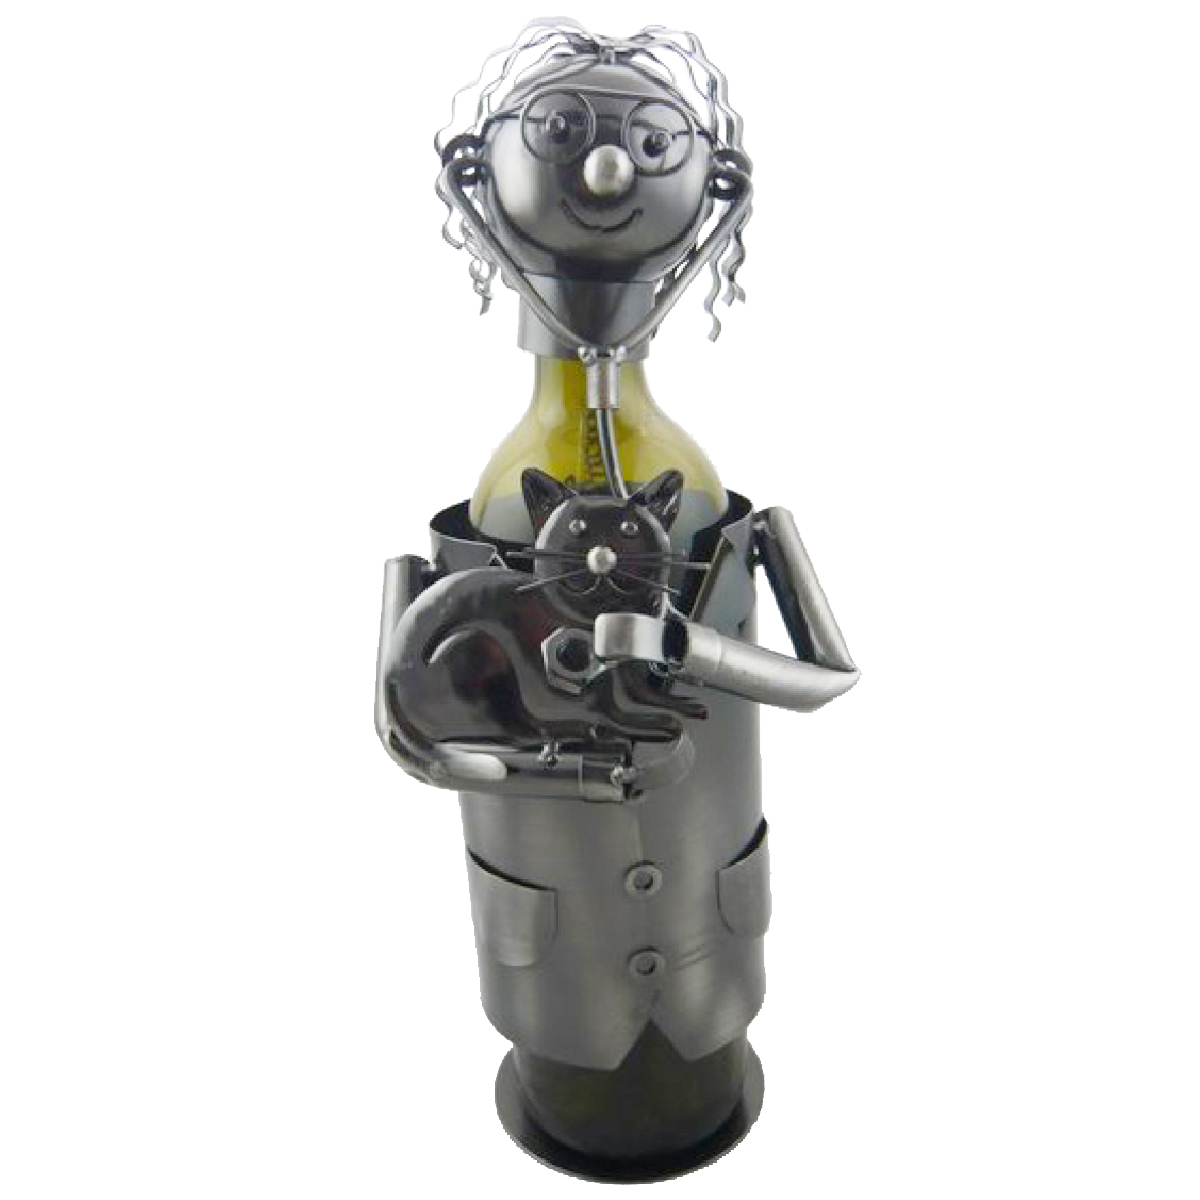 Porte-bouteille \'Sculpture métal\' Vétérinaire - 24 cm - [R0502]